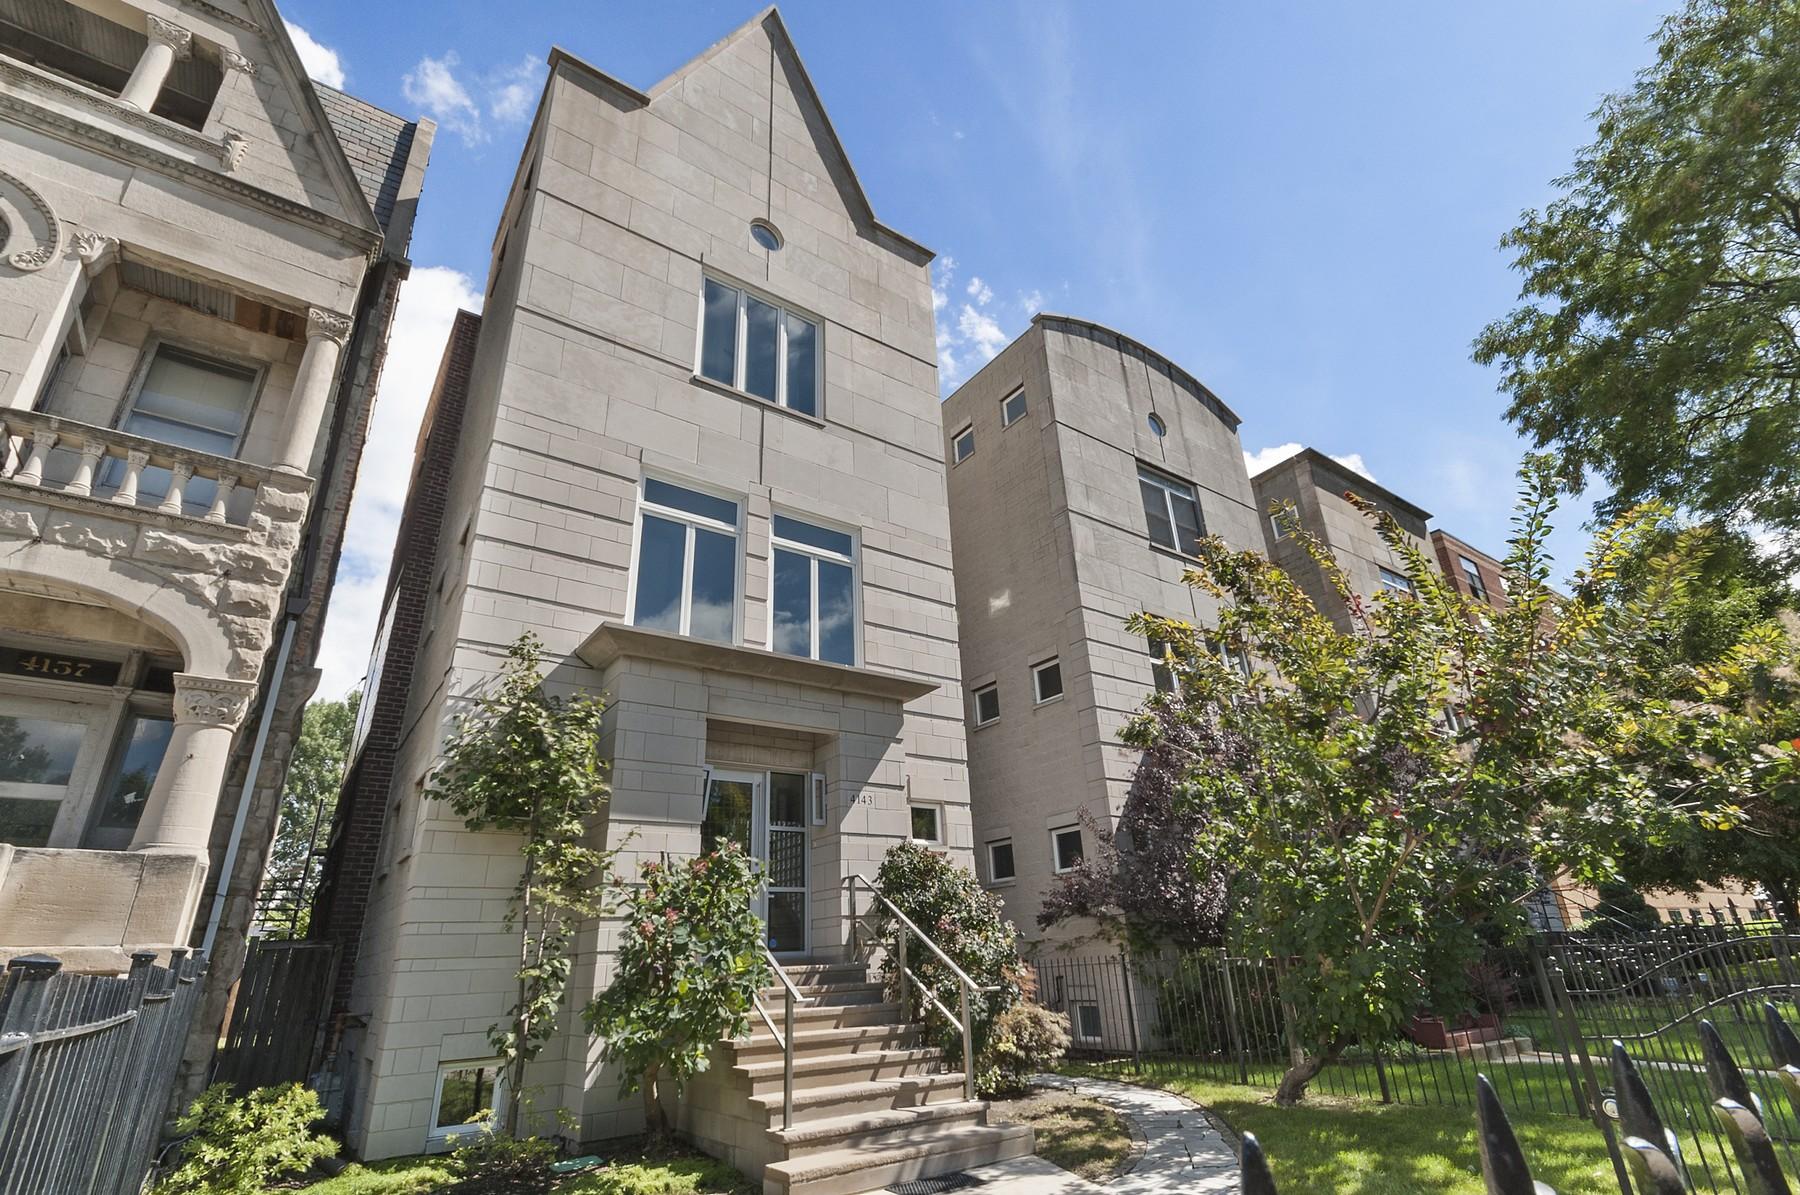 独户住宅 为 销售 在 Newly Remodeled Home 4143 S Drexel Boulevard Oakland, 芝加哥, 伊利诺斯州, 60653 美国